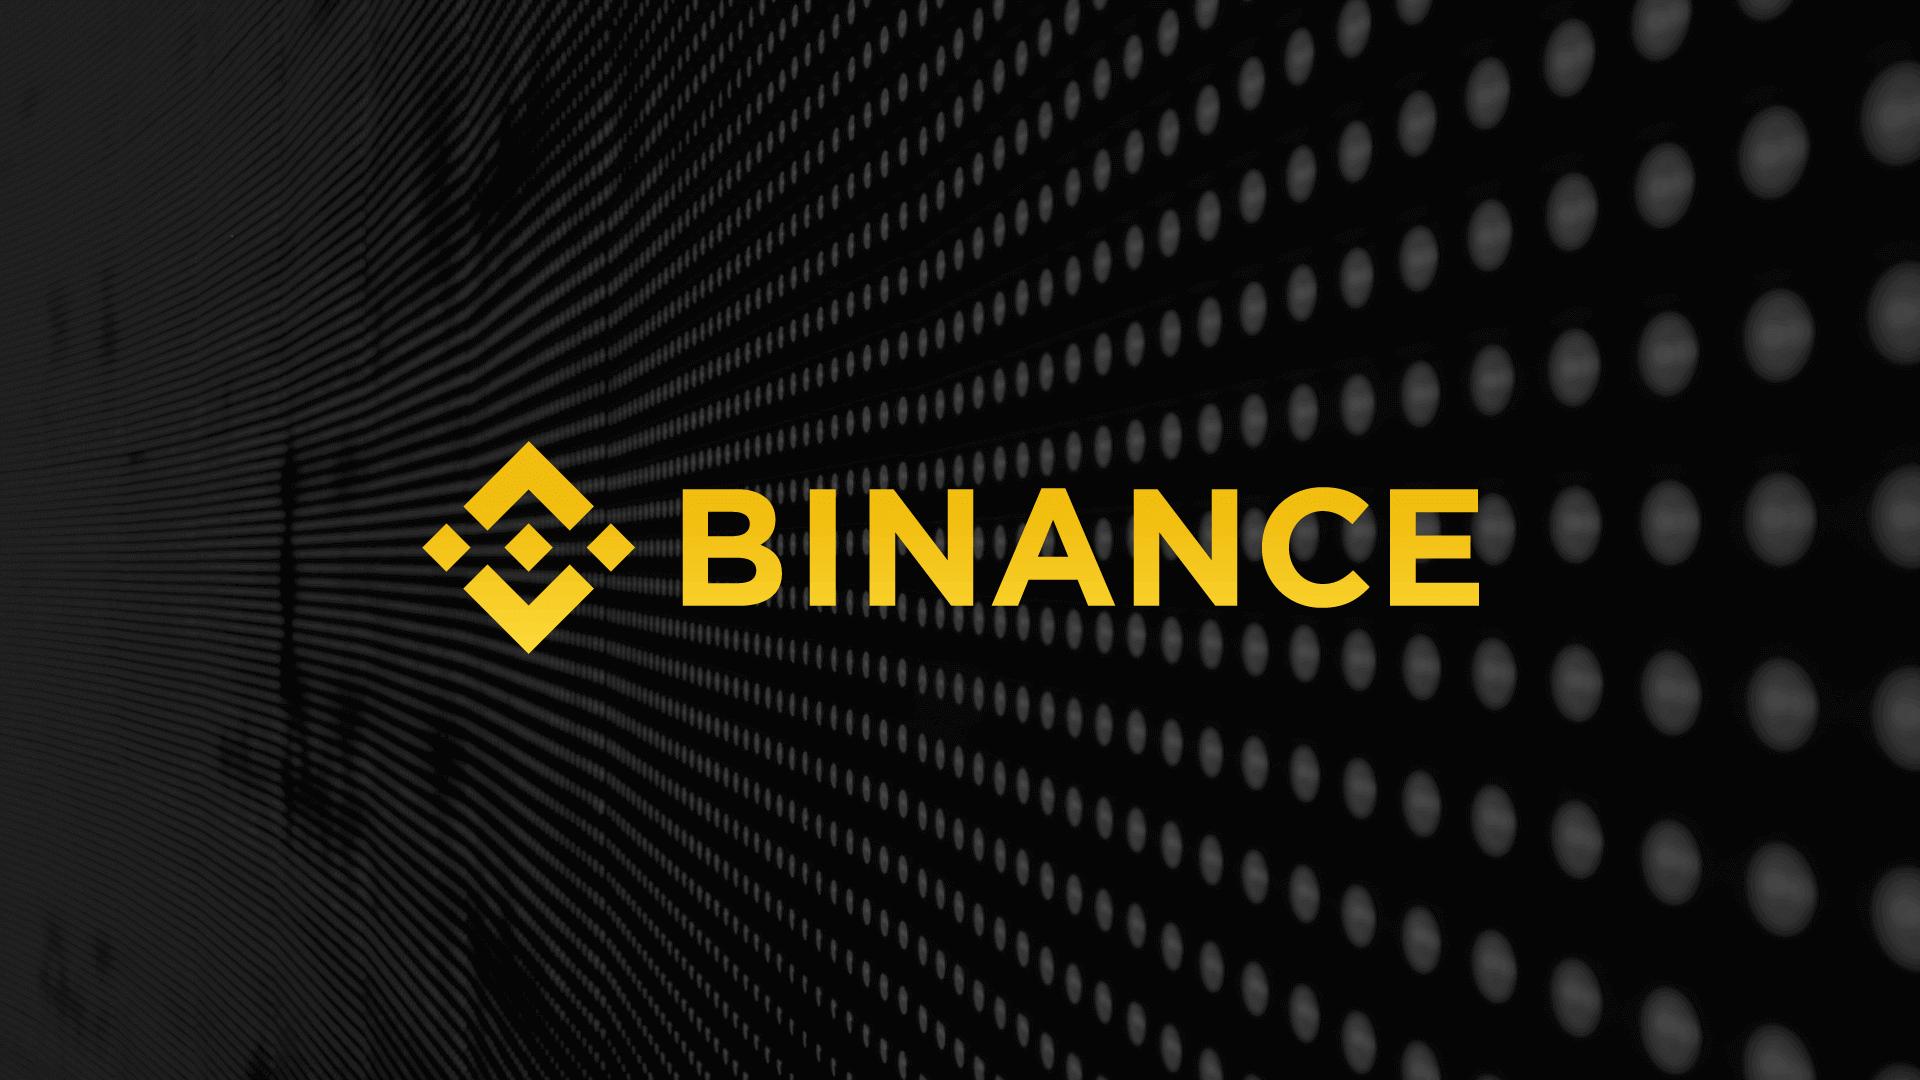 تداول العملات الرقمية Binance تفصح عن طريقة التصرف في أرباحها   أخبار البيتكوين